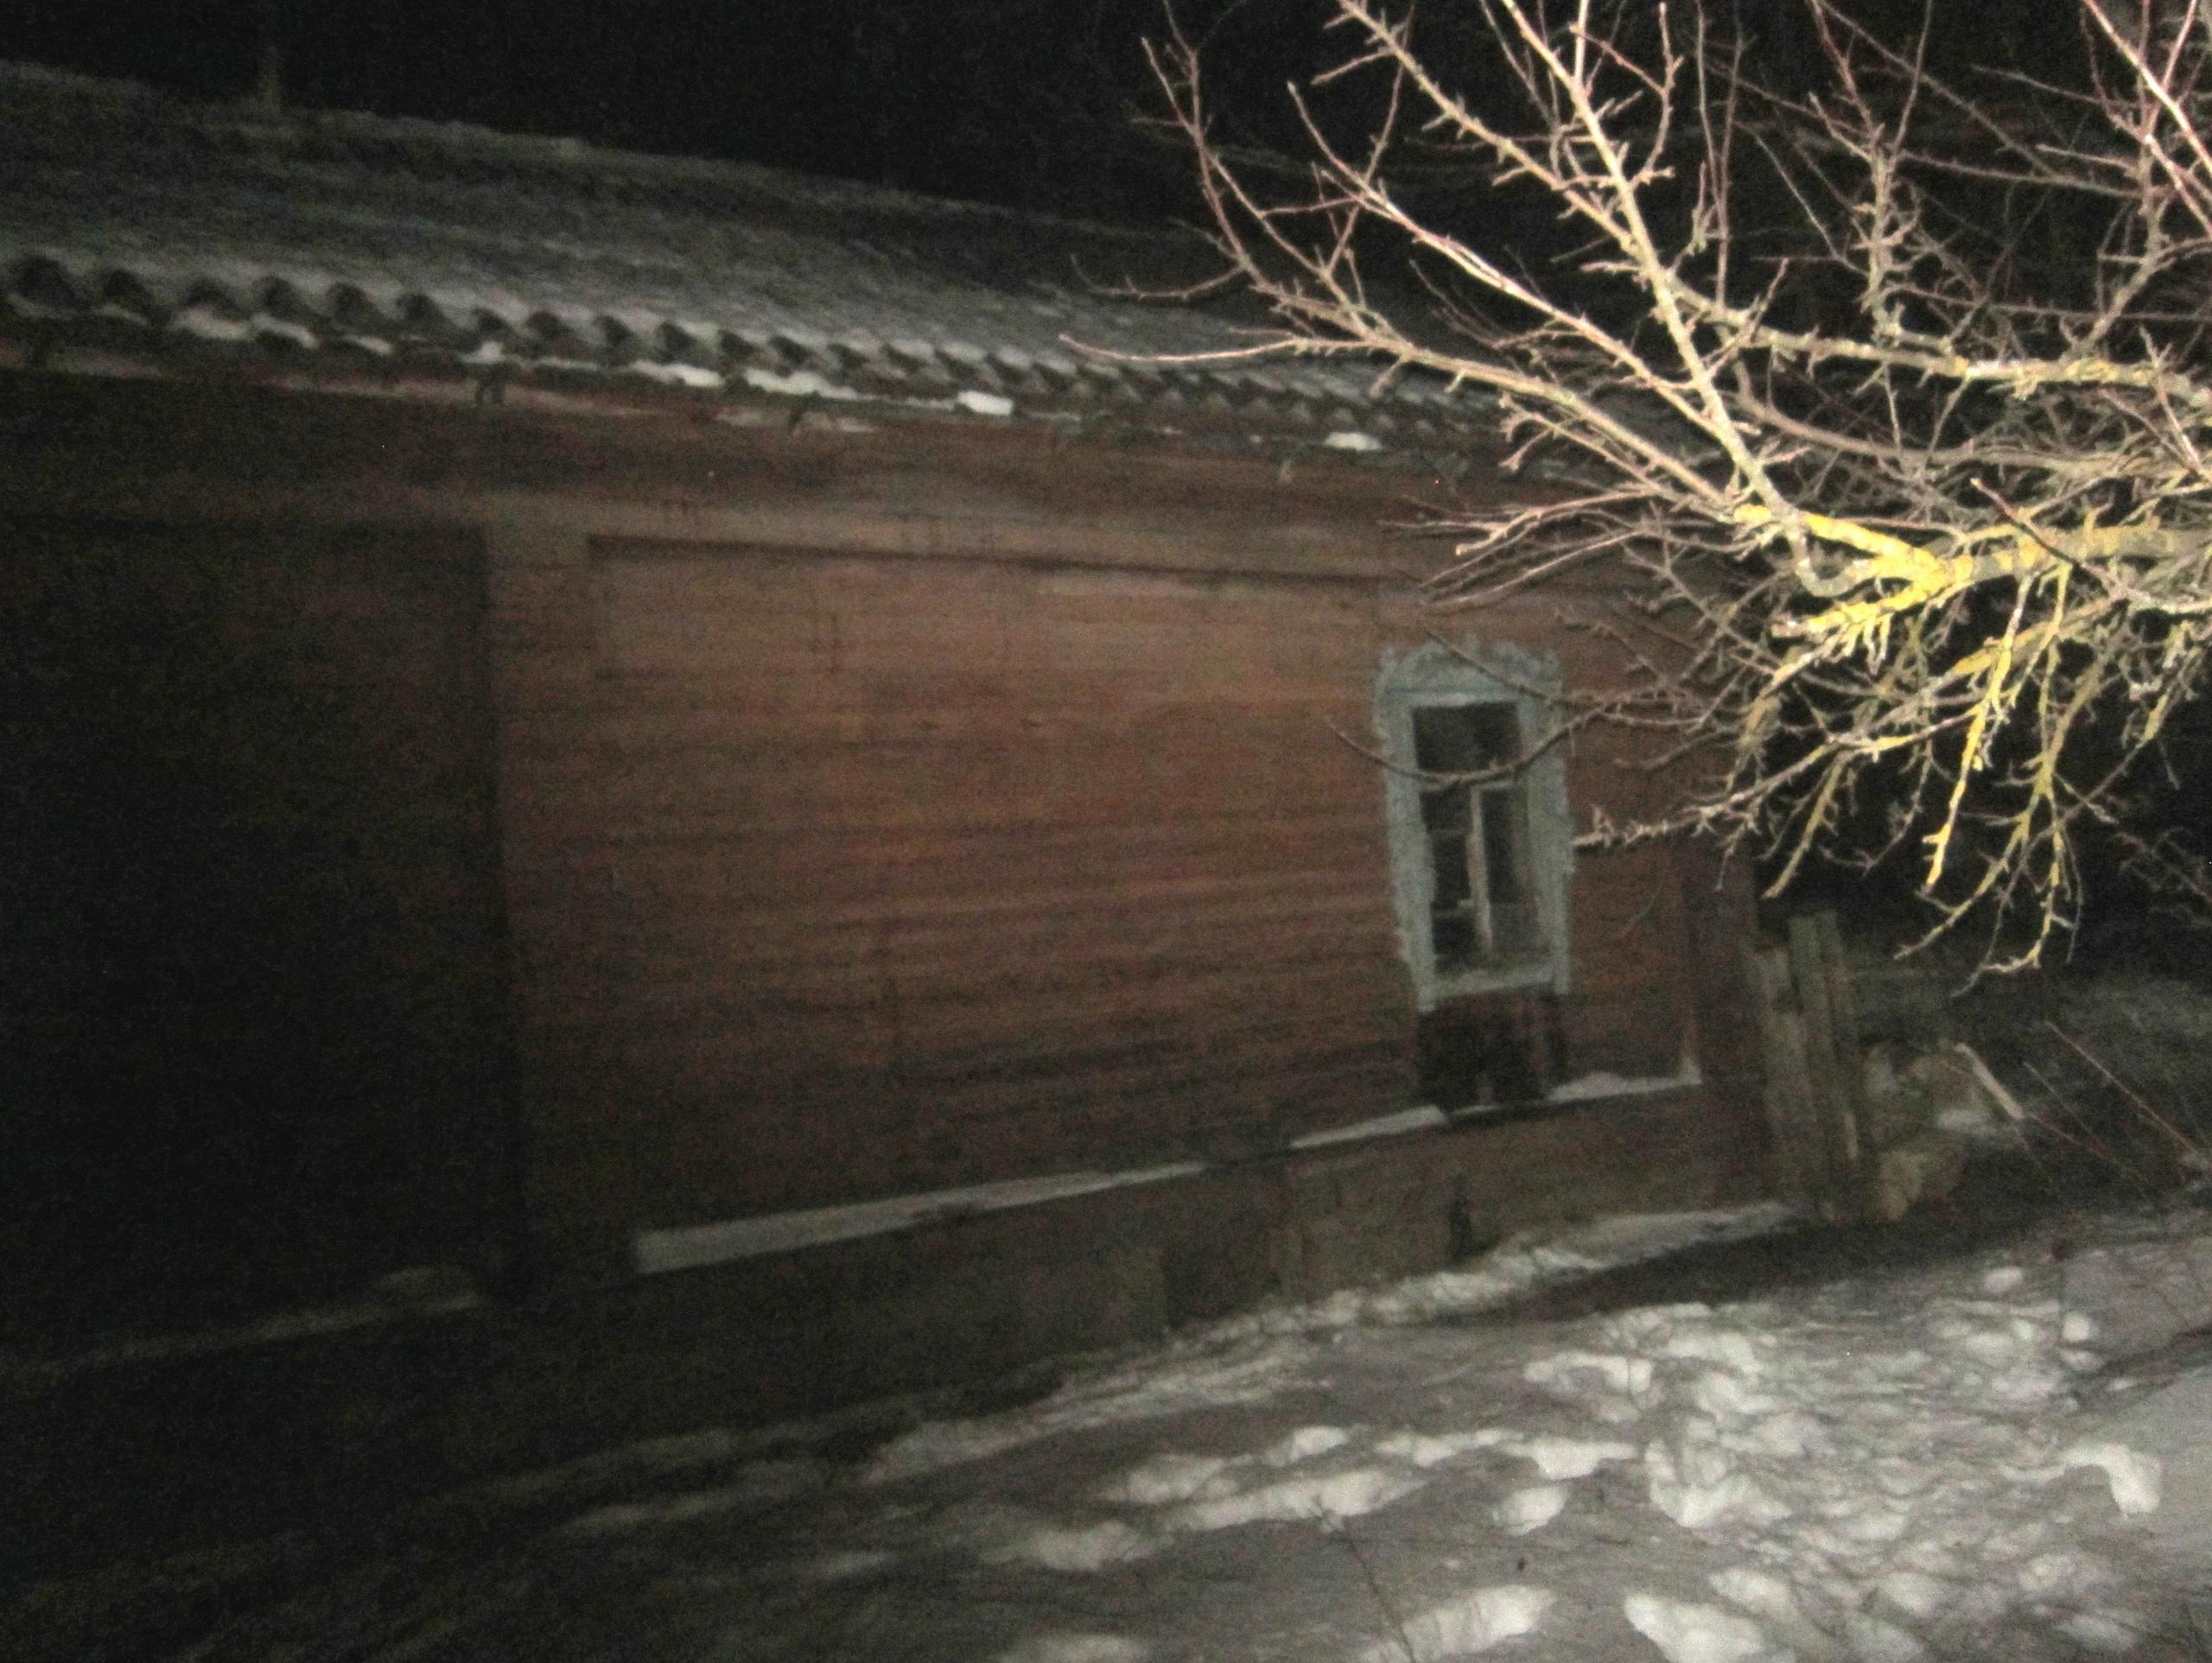 В Тверской области пожарные нашли в сгоревшем доме мертвого мужчину